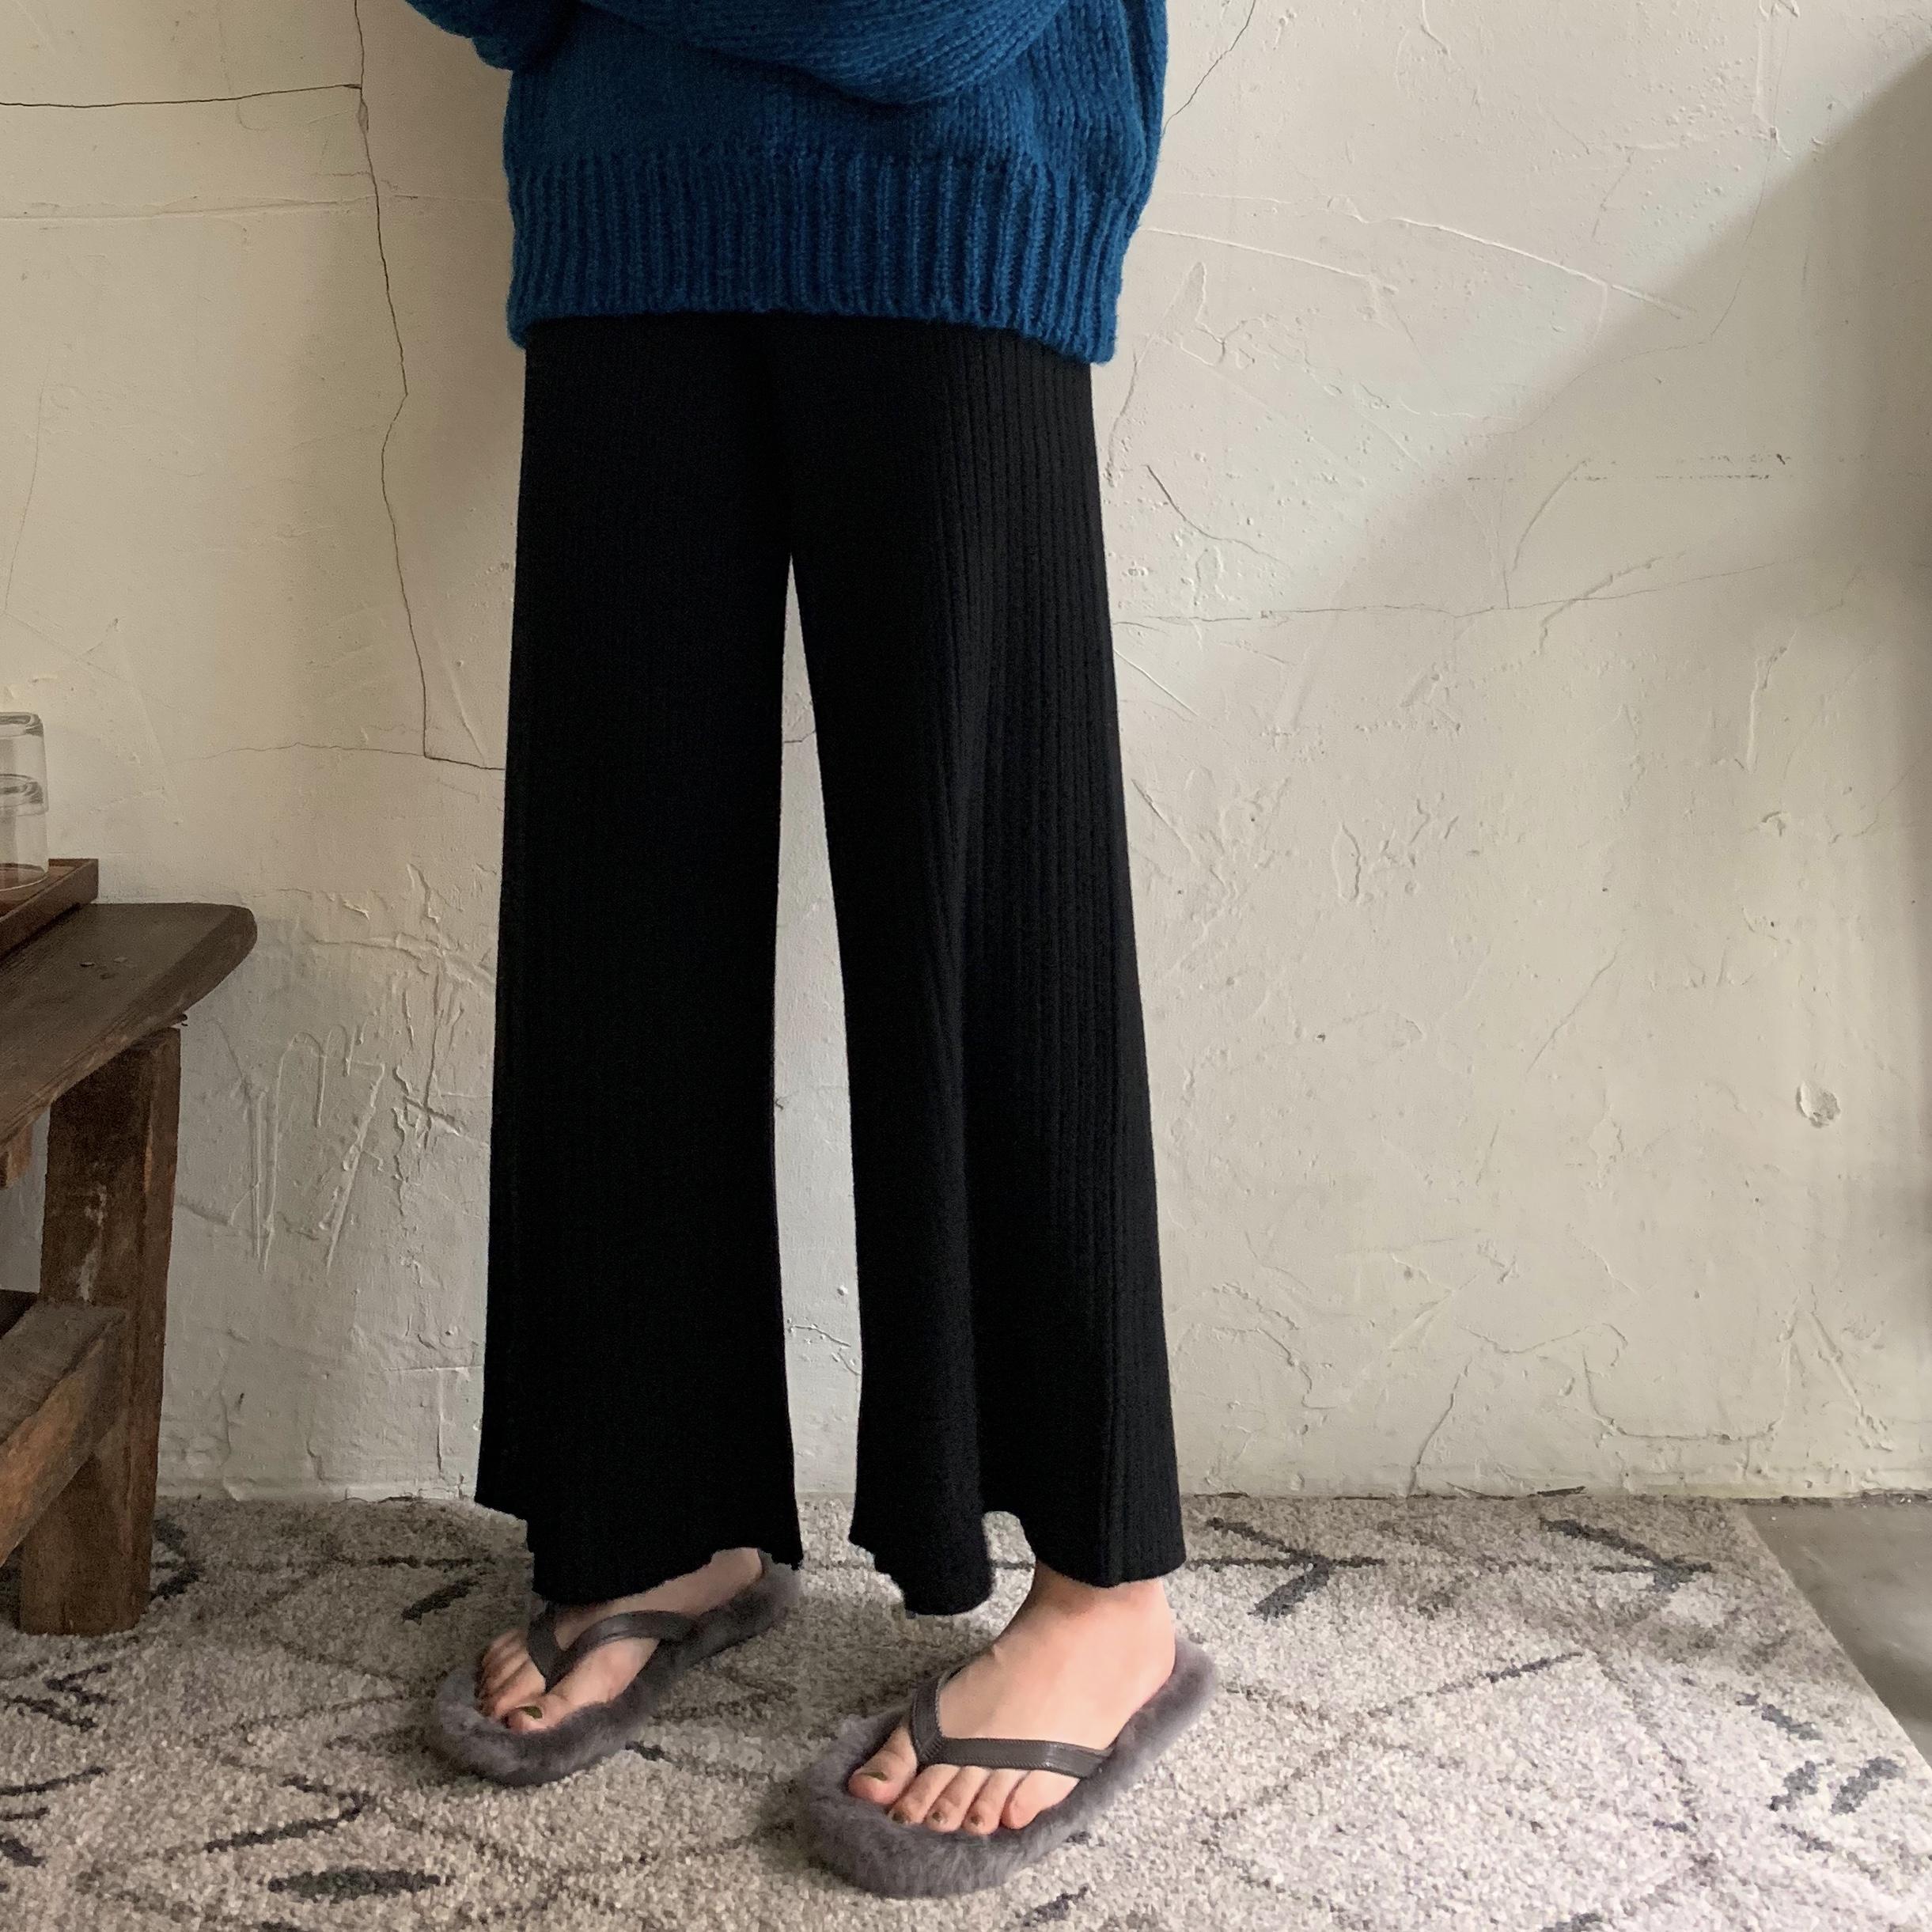 秋冬韩版女装宽松显瘦阔腿裤高腰百搭针织休闲裤chic复古直筒长裤